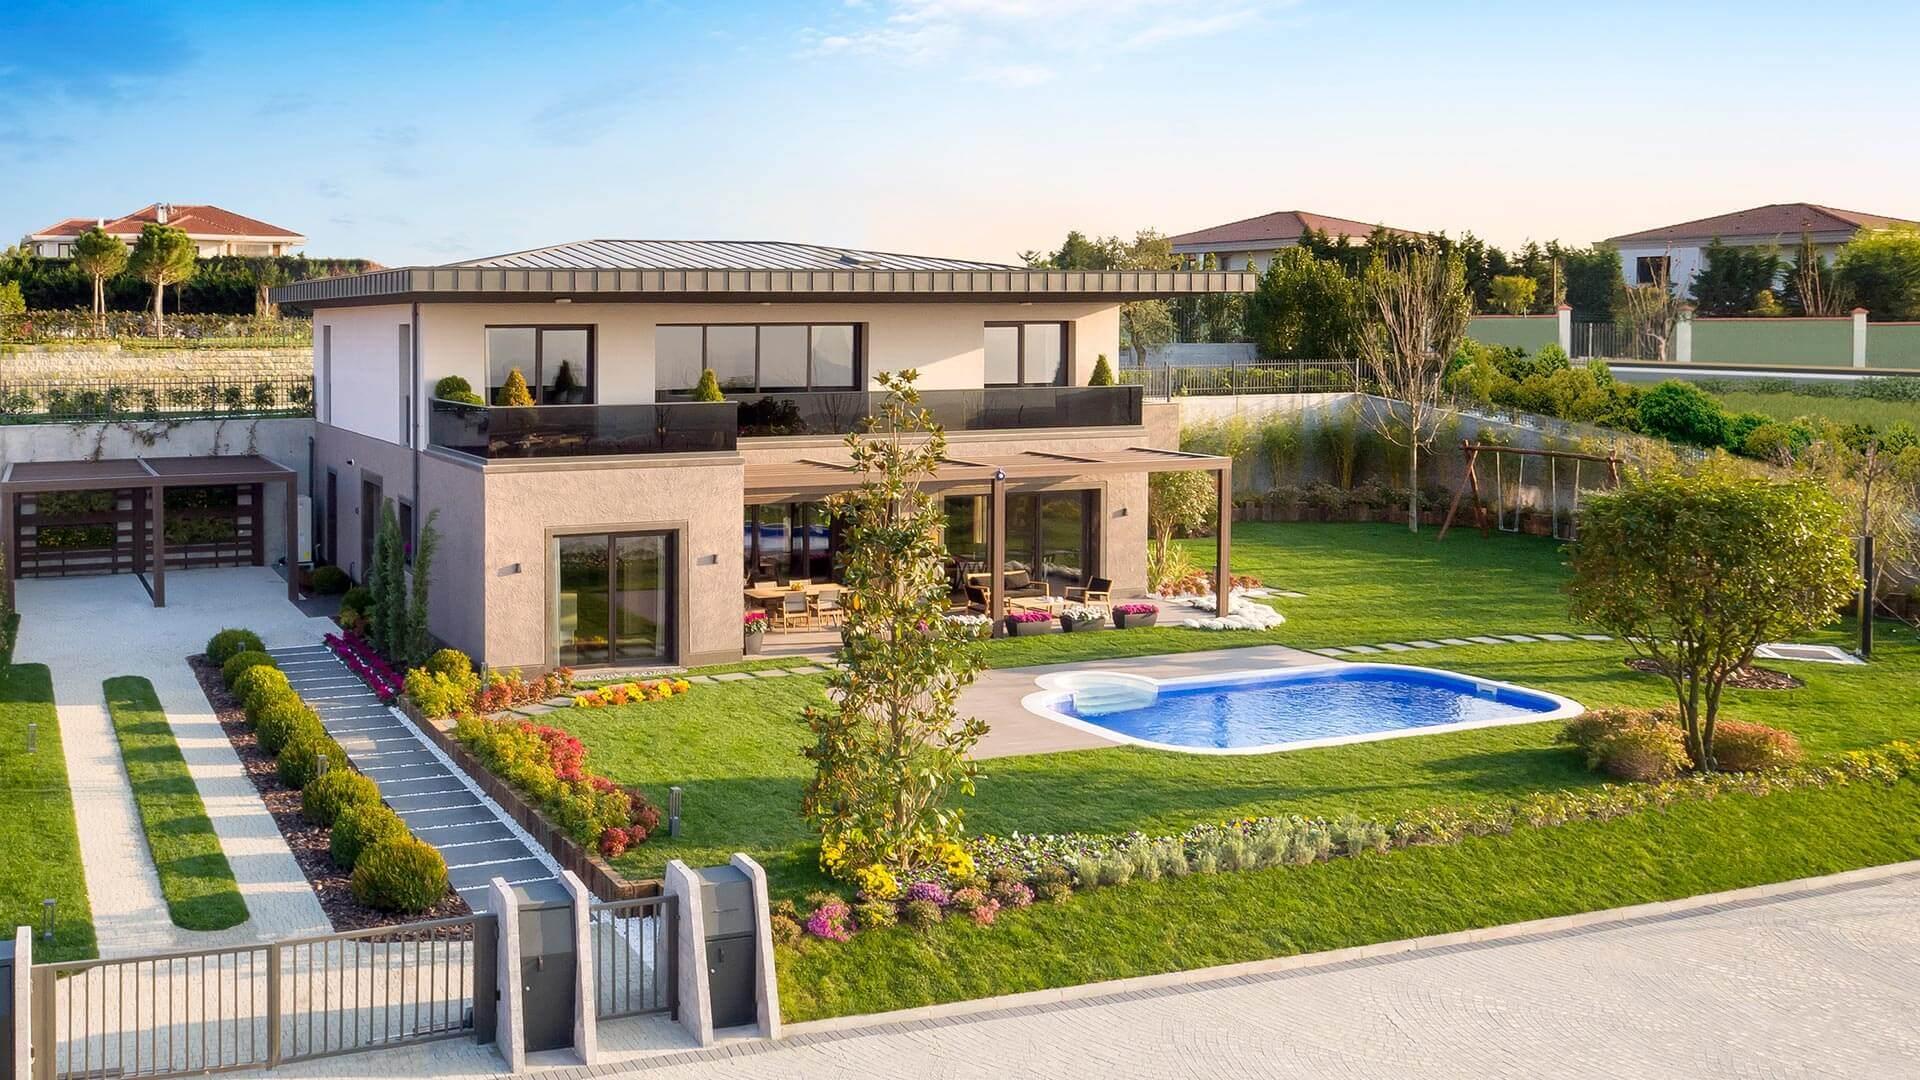 artstyle mimarlık, Mesa Yeşilyaka Villa dekorasyonu, istanbul villa dekorasyonu, modern villa dekorasyon, modern tasarım örnekleri, modern villa dekorasyonları, modern villa tasarımları, Modern Villa (5)